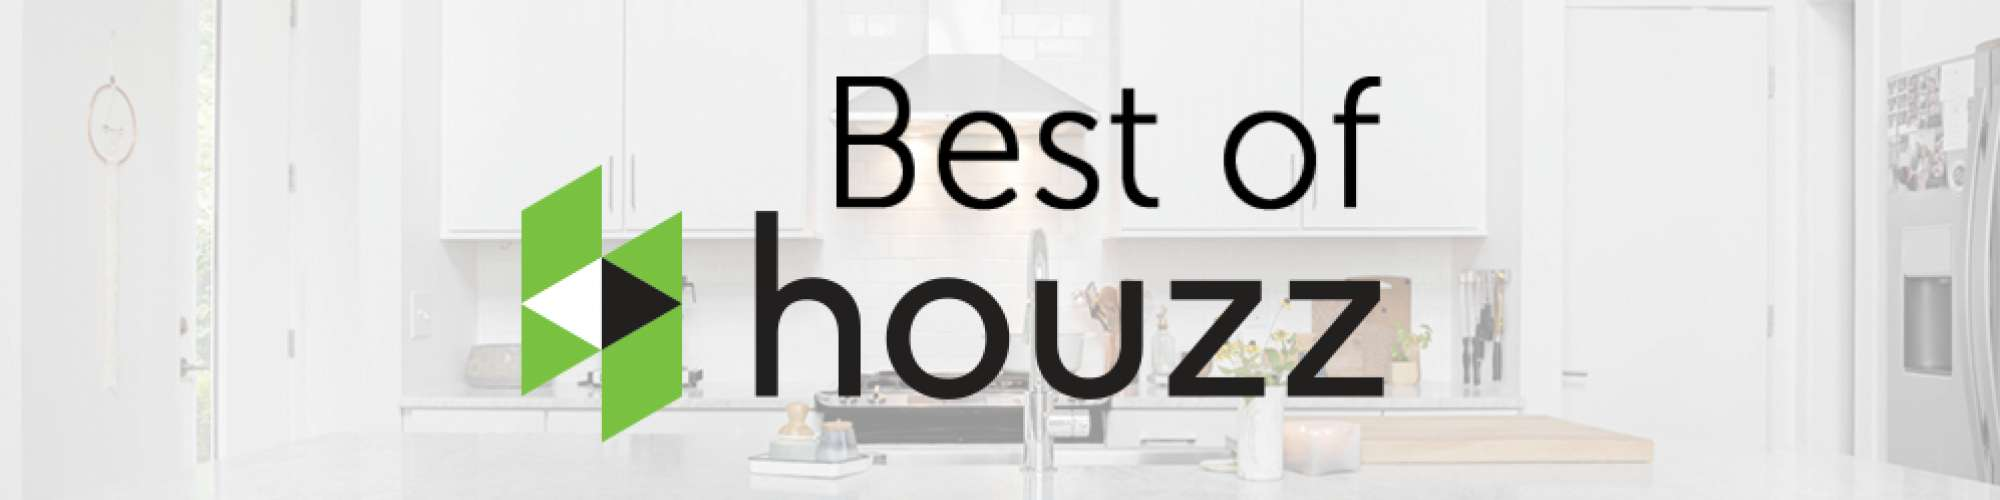 Best Of Houzz 2018 Winners Including Tasbuilt Homes